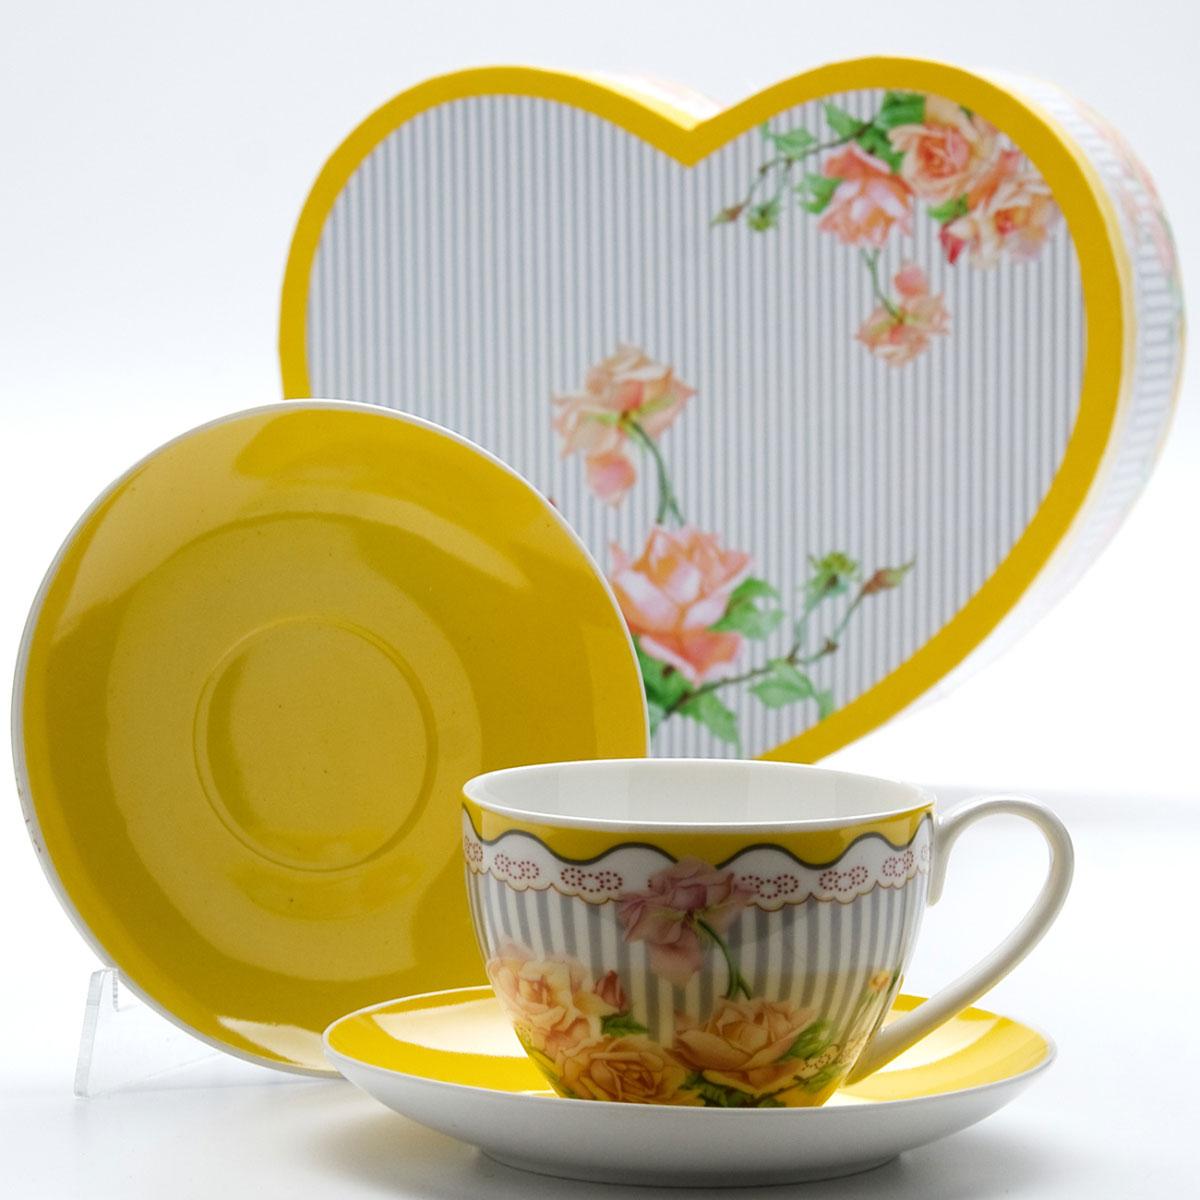 Чайная пара Mayer & Boch Садовые розы, 4 предмета. 2299522995Чайный набор выполнен из высококачественного костяного фарфора и состоит из двух чашек, украшенных рисунком, и двух ярких цветных блюдец. Чашки имеют рельефную поверхность. Чайный набор упакован в подарочную коробку в форме сердца из плотного цветного картона.Объем чашки: 220 мл.